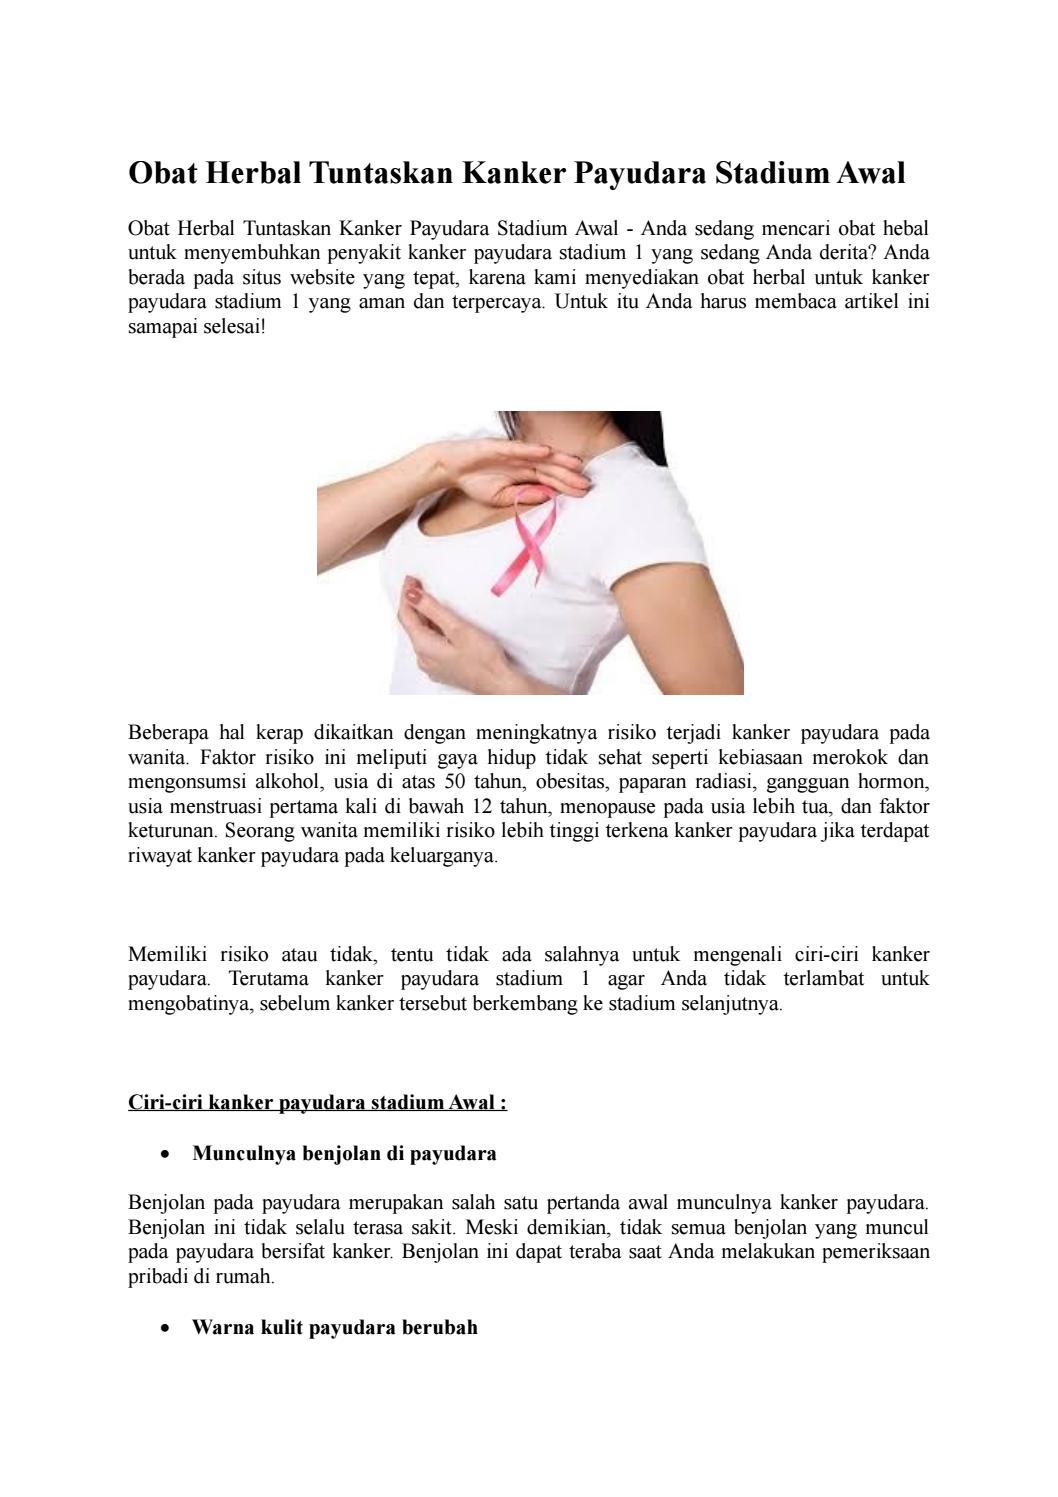 Obat Herbal Tuntaskan Kanker Payudara Stadium Awal By Mardiyatun